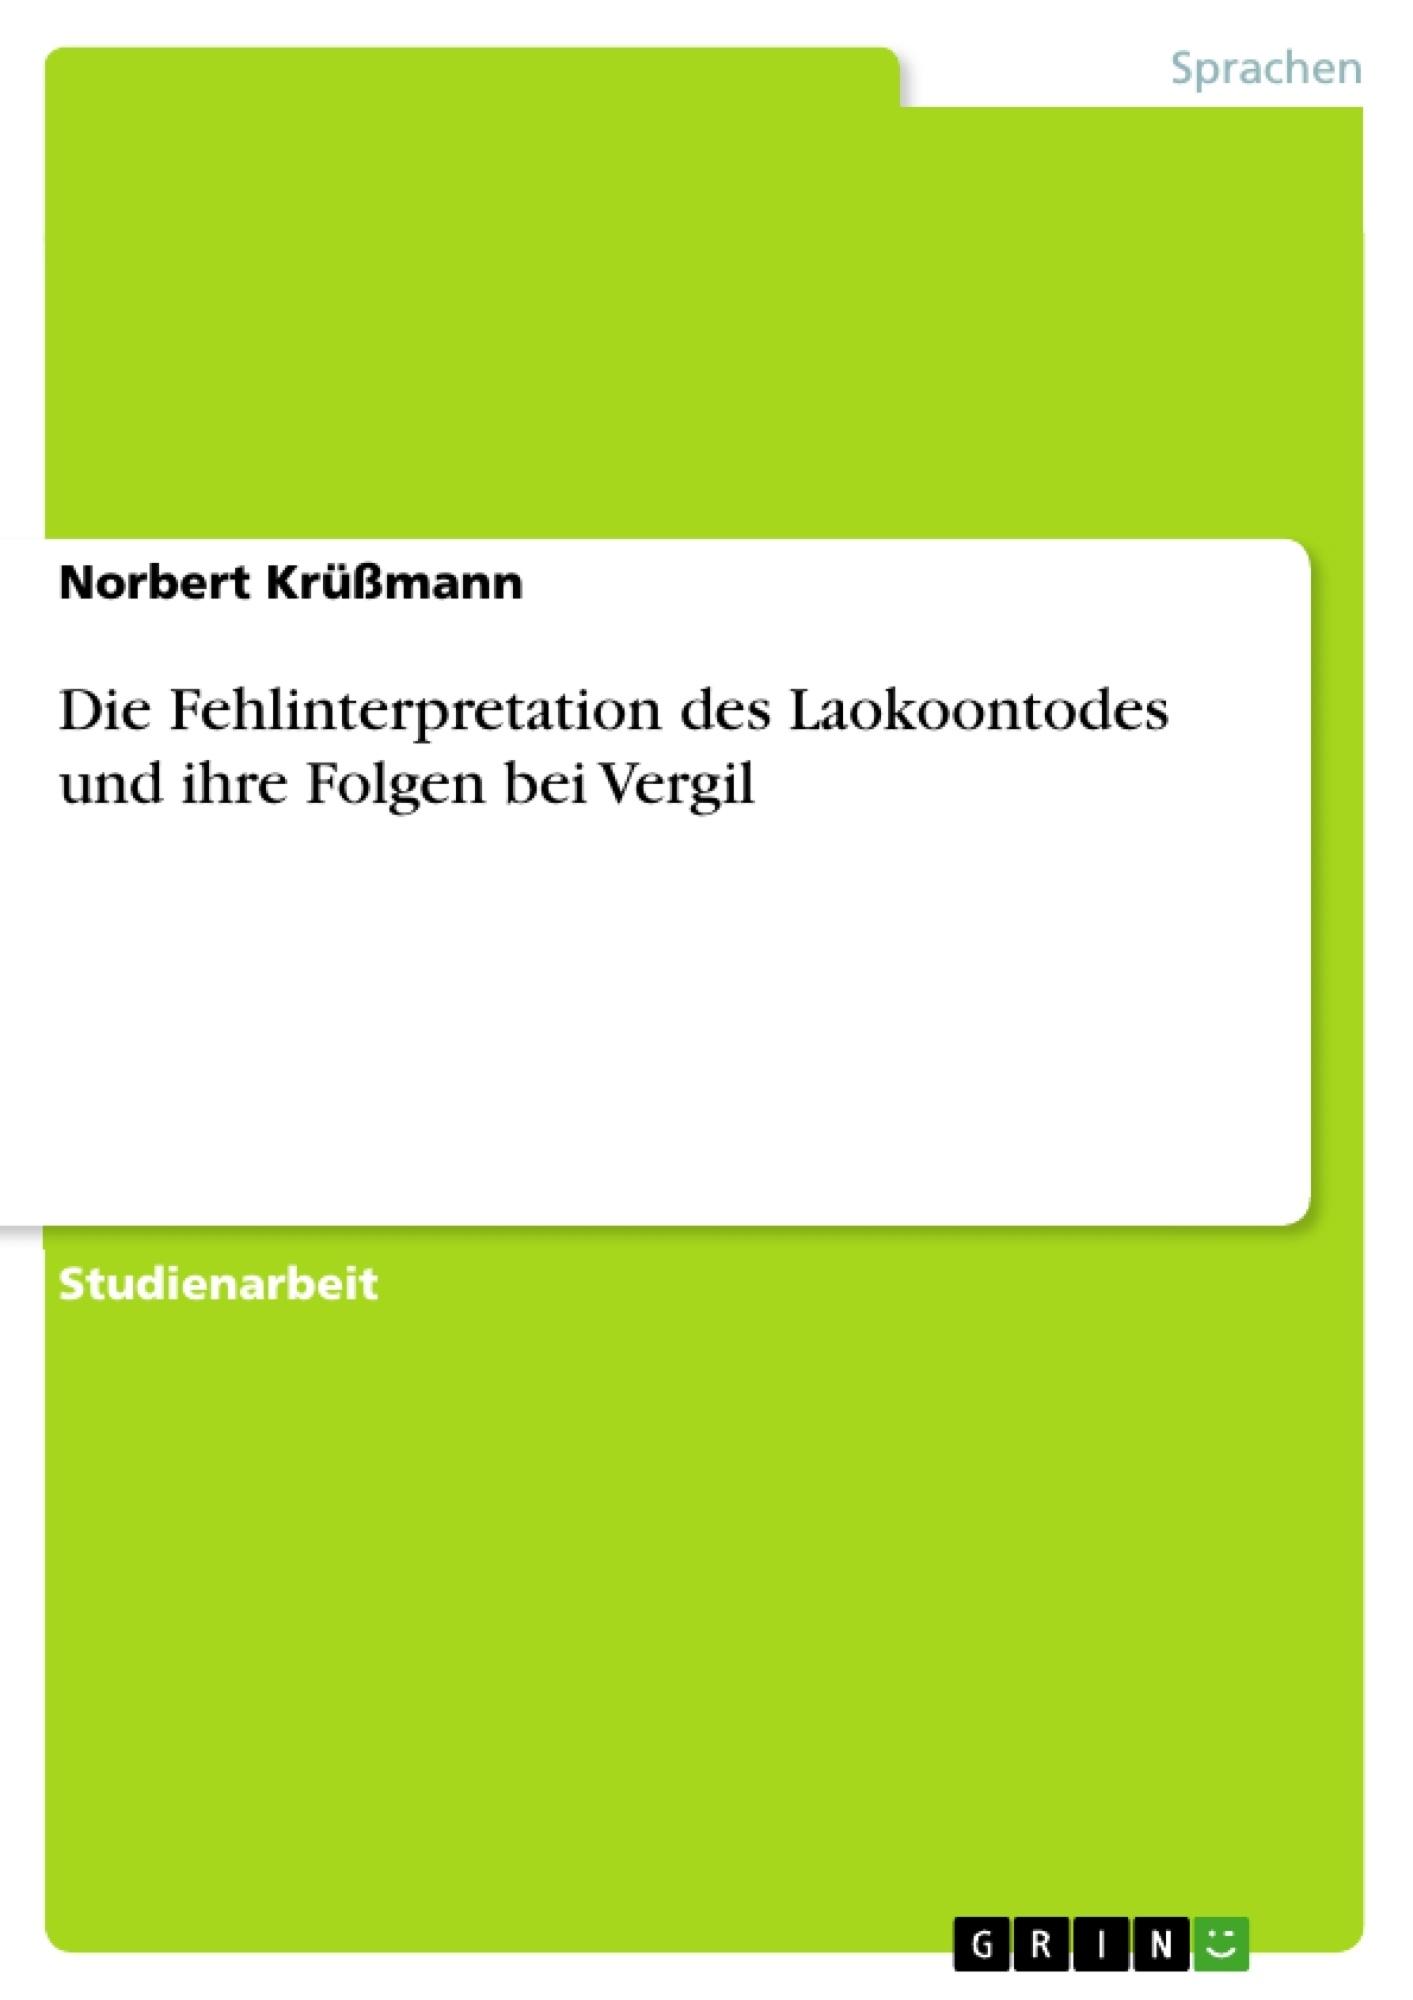 Titel: Die Fehlinterpretation des Laokoontodes und ihre Folgen bei Vergil